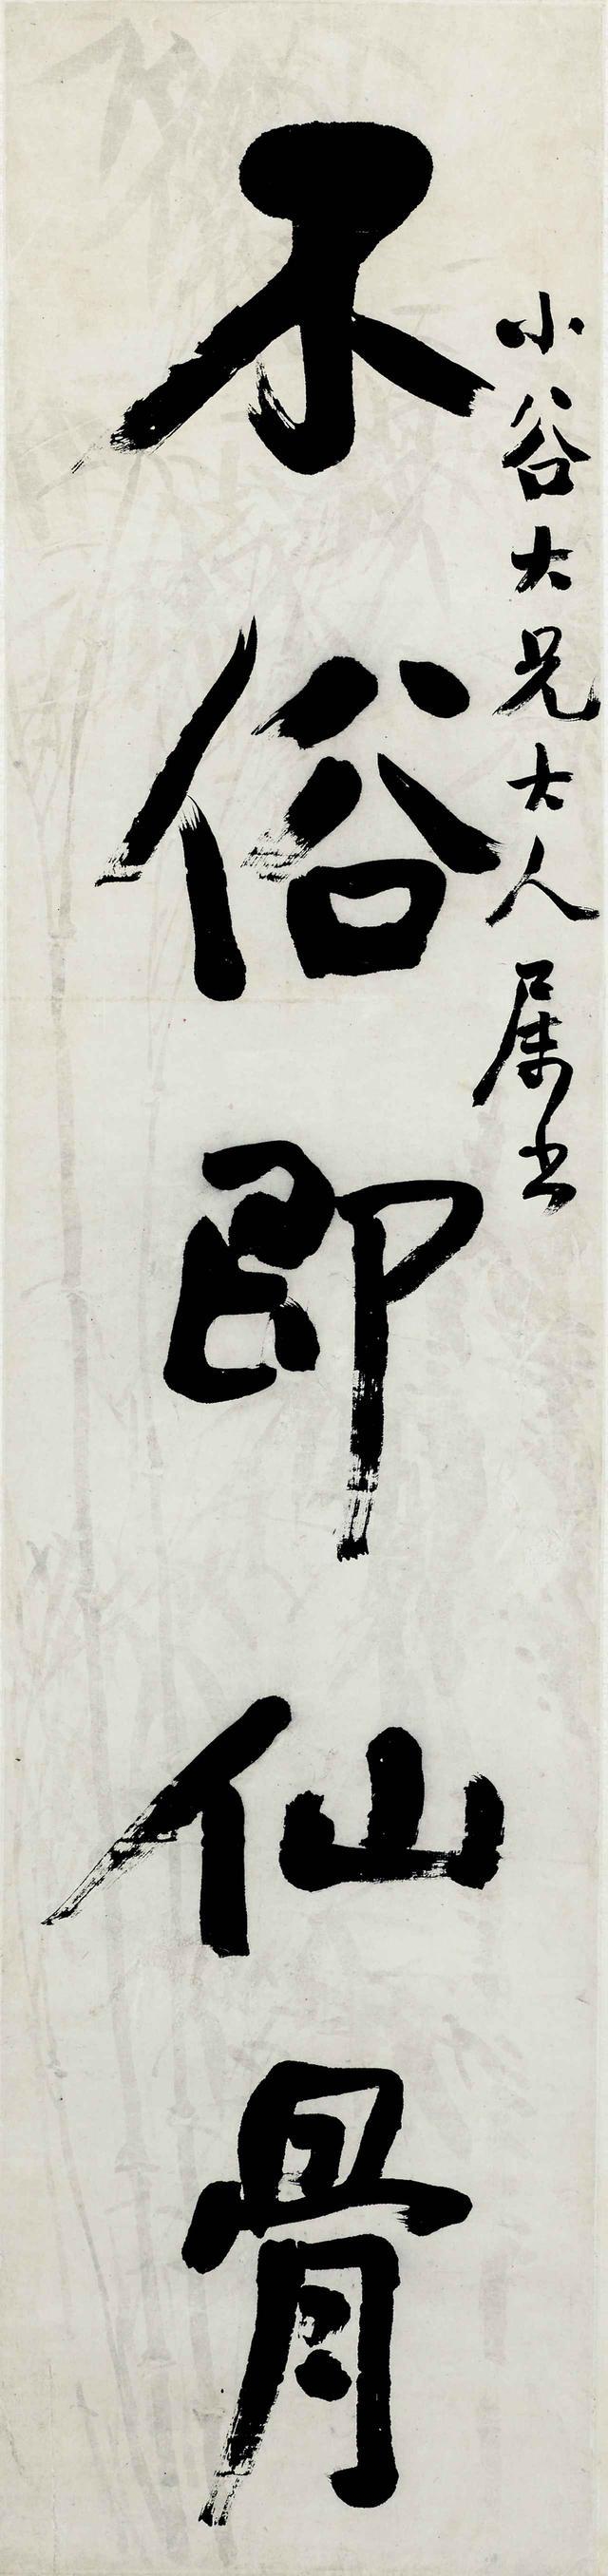 画像2: 行書五言聯 趙之謙筆 清時代・咸豊 8 年(1858) 個人蔵